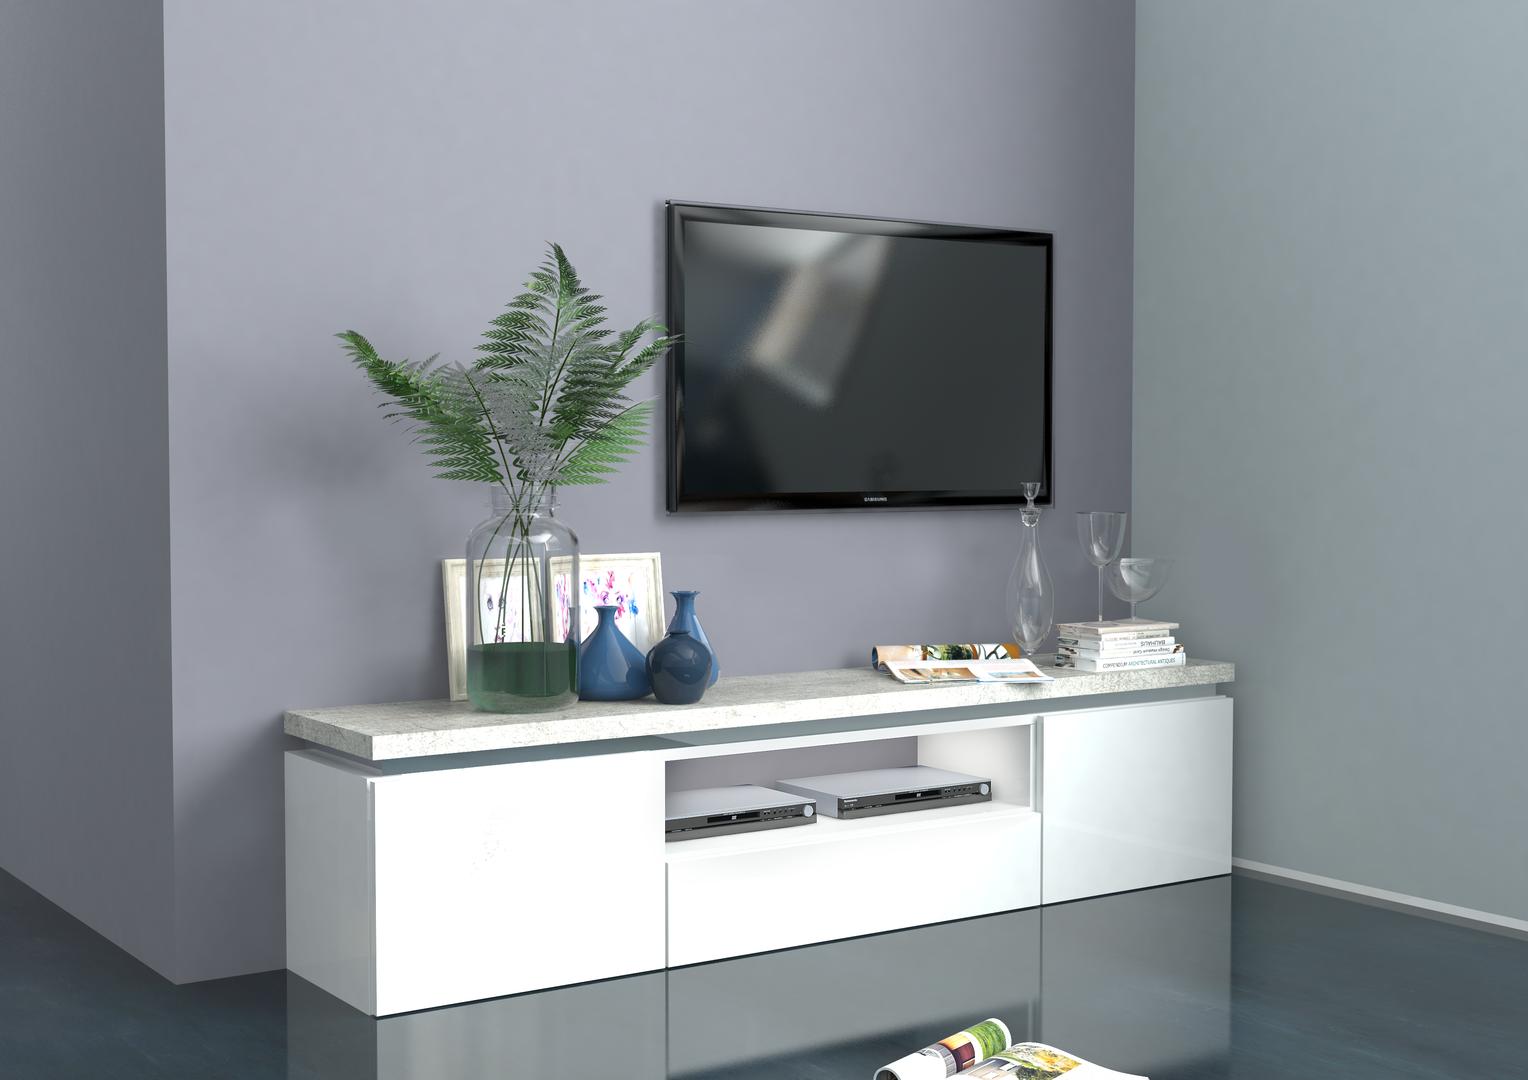 mobile porta tv bianco messico per soggiorno moderno elegante